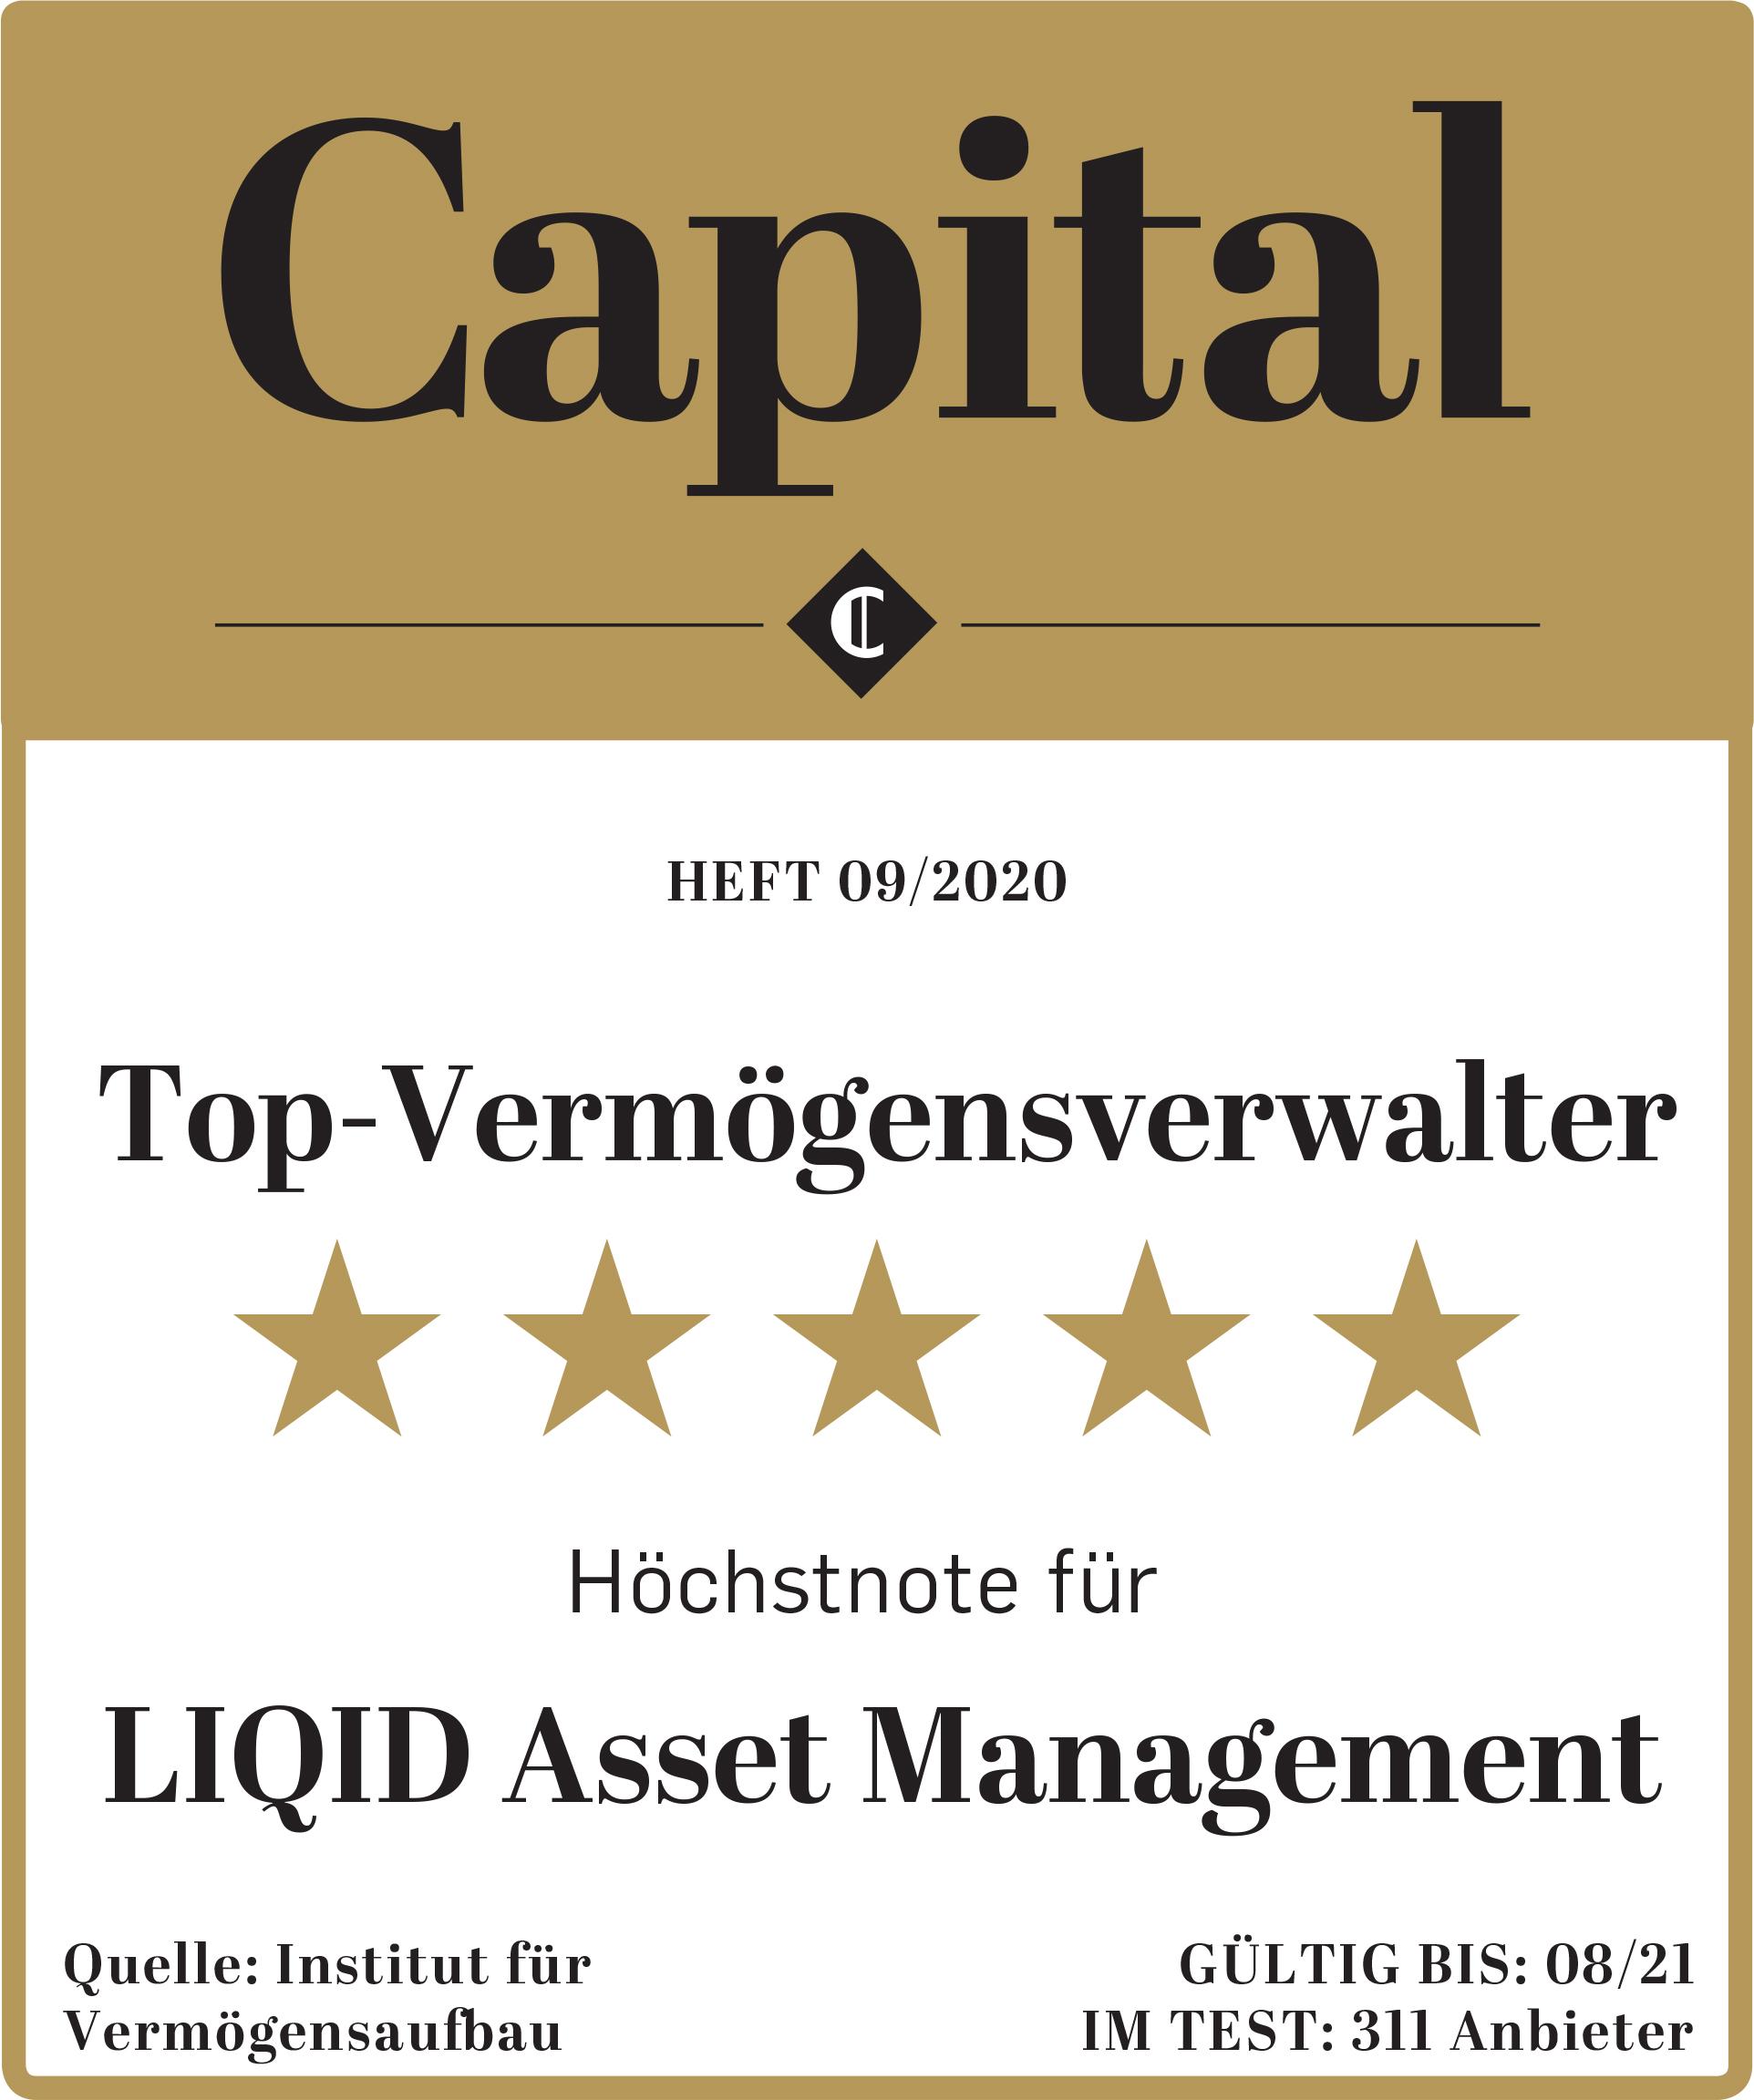 CAP_0920_Top-Vermoegensverwalter_Liqid_Neu